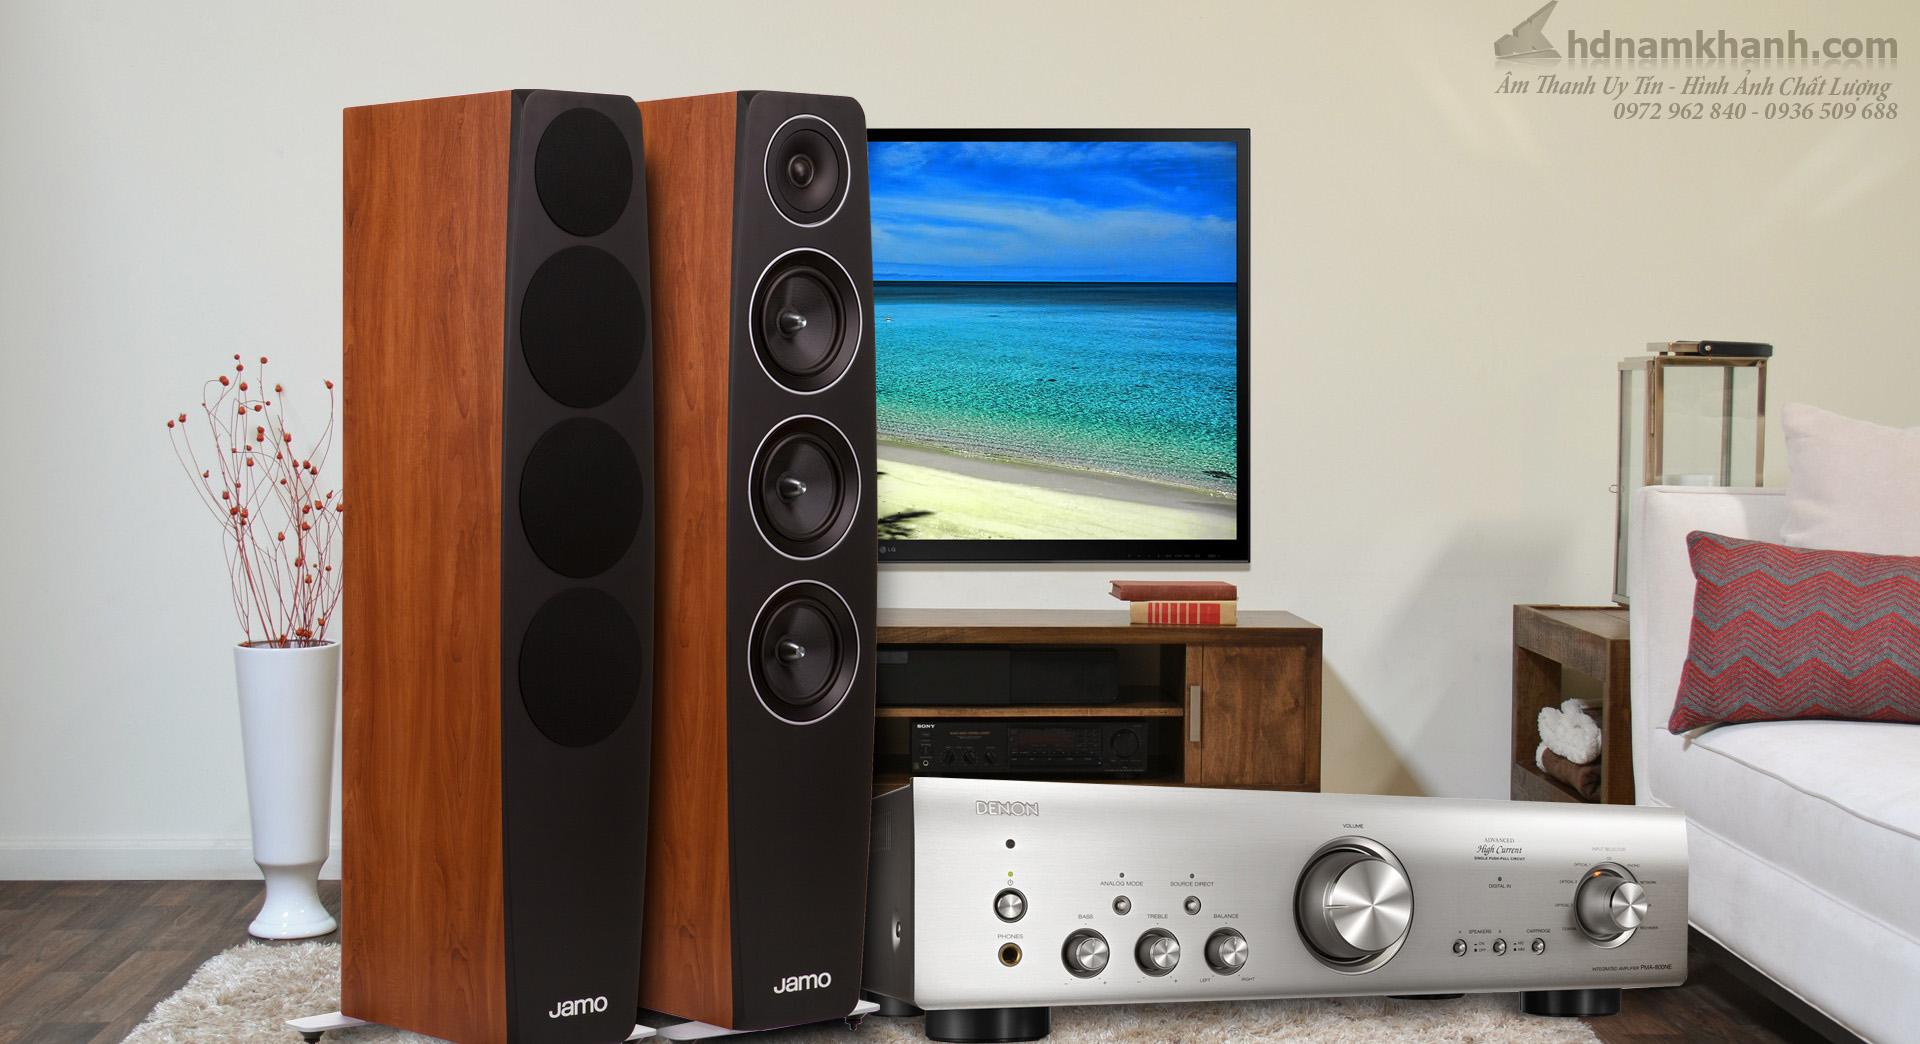 Bộ Nghe nhạc Hi-fi giá tốt, chất lượng Amply Denon PMA 800NE, Loa Jamo C97